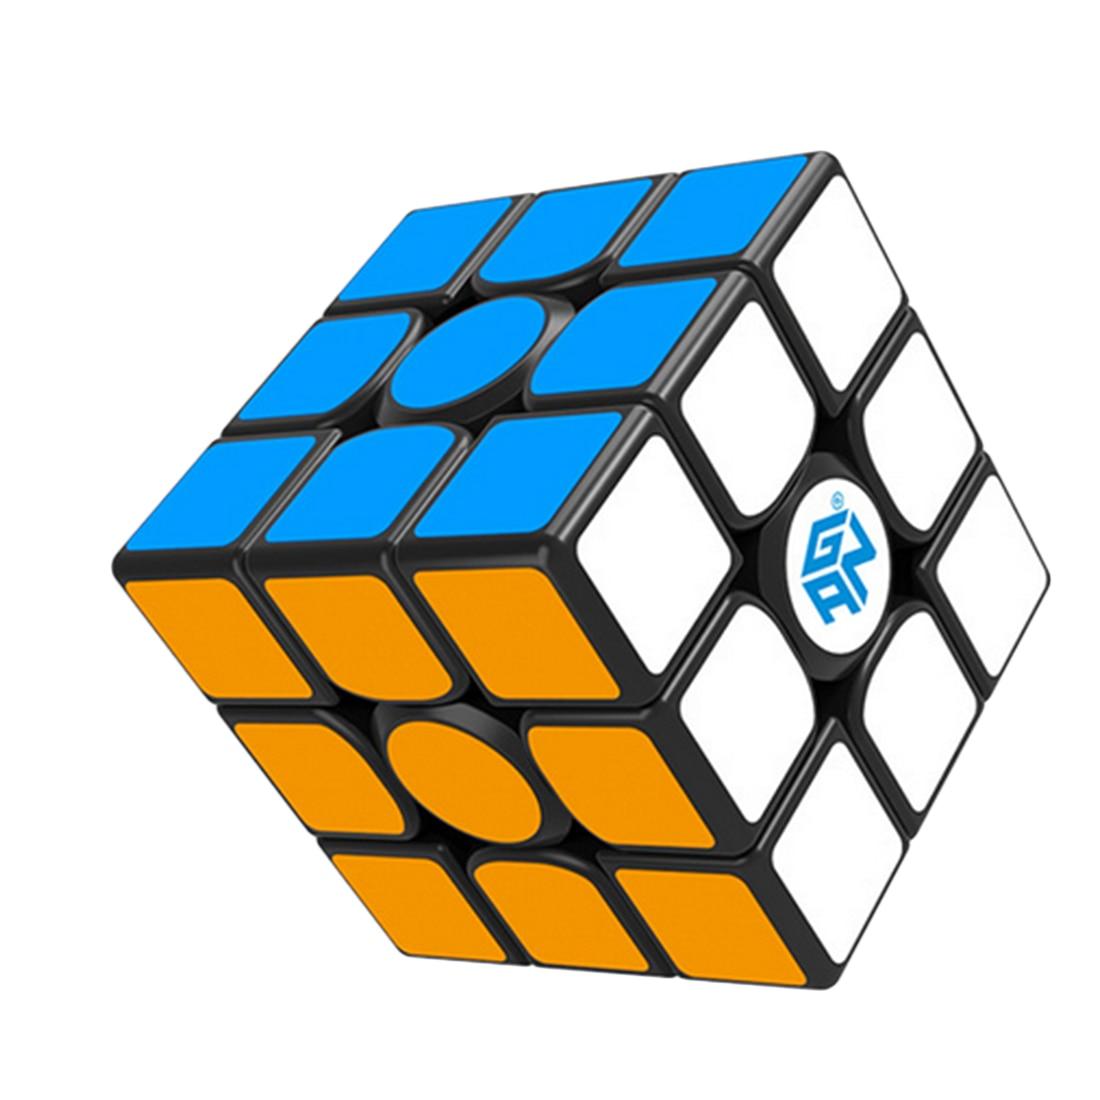 UTOYSLAND 60 pcs GAN356 Air SM Magnétique Version Speedcubing 3x3 Magic Cube pour La Compétition-Noir